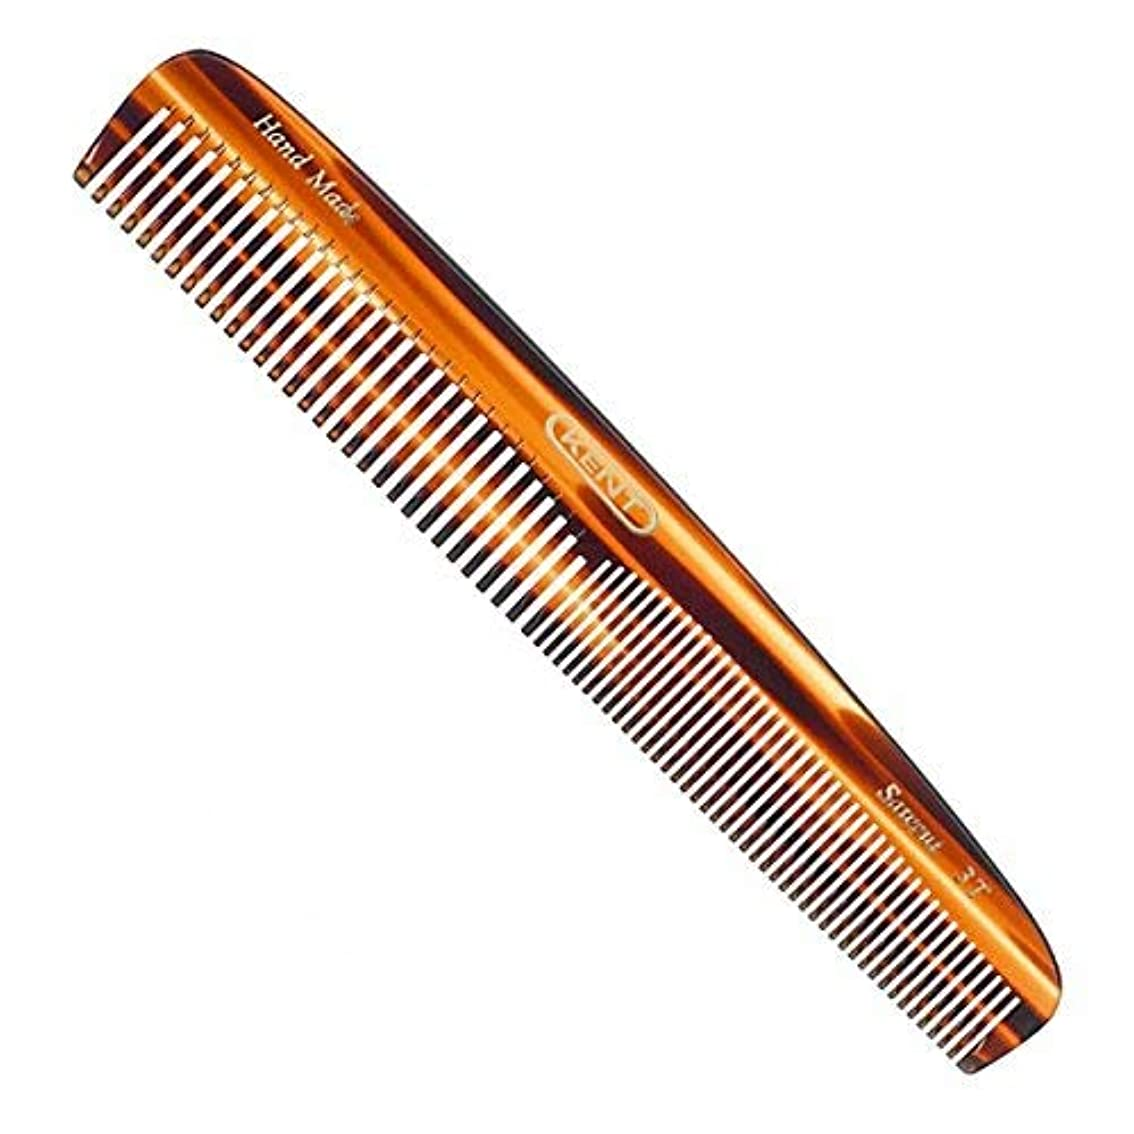 遺棄された胆嚢寺院Kent Handmade Saw Cut 148 Millimeter Coarse and Fine Tooth Dressing Comb, Hand Sawn Cellulose Acetate with Rounded...